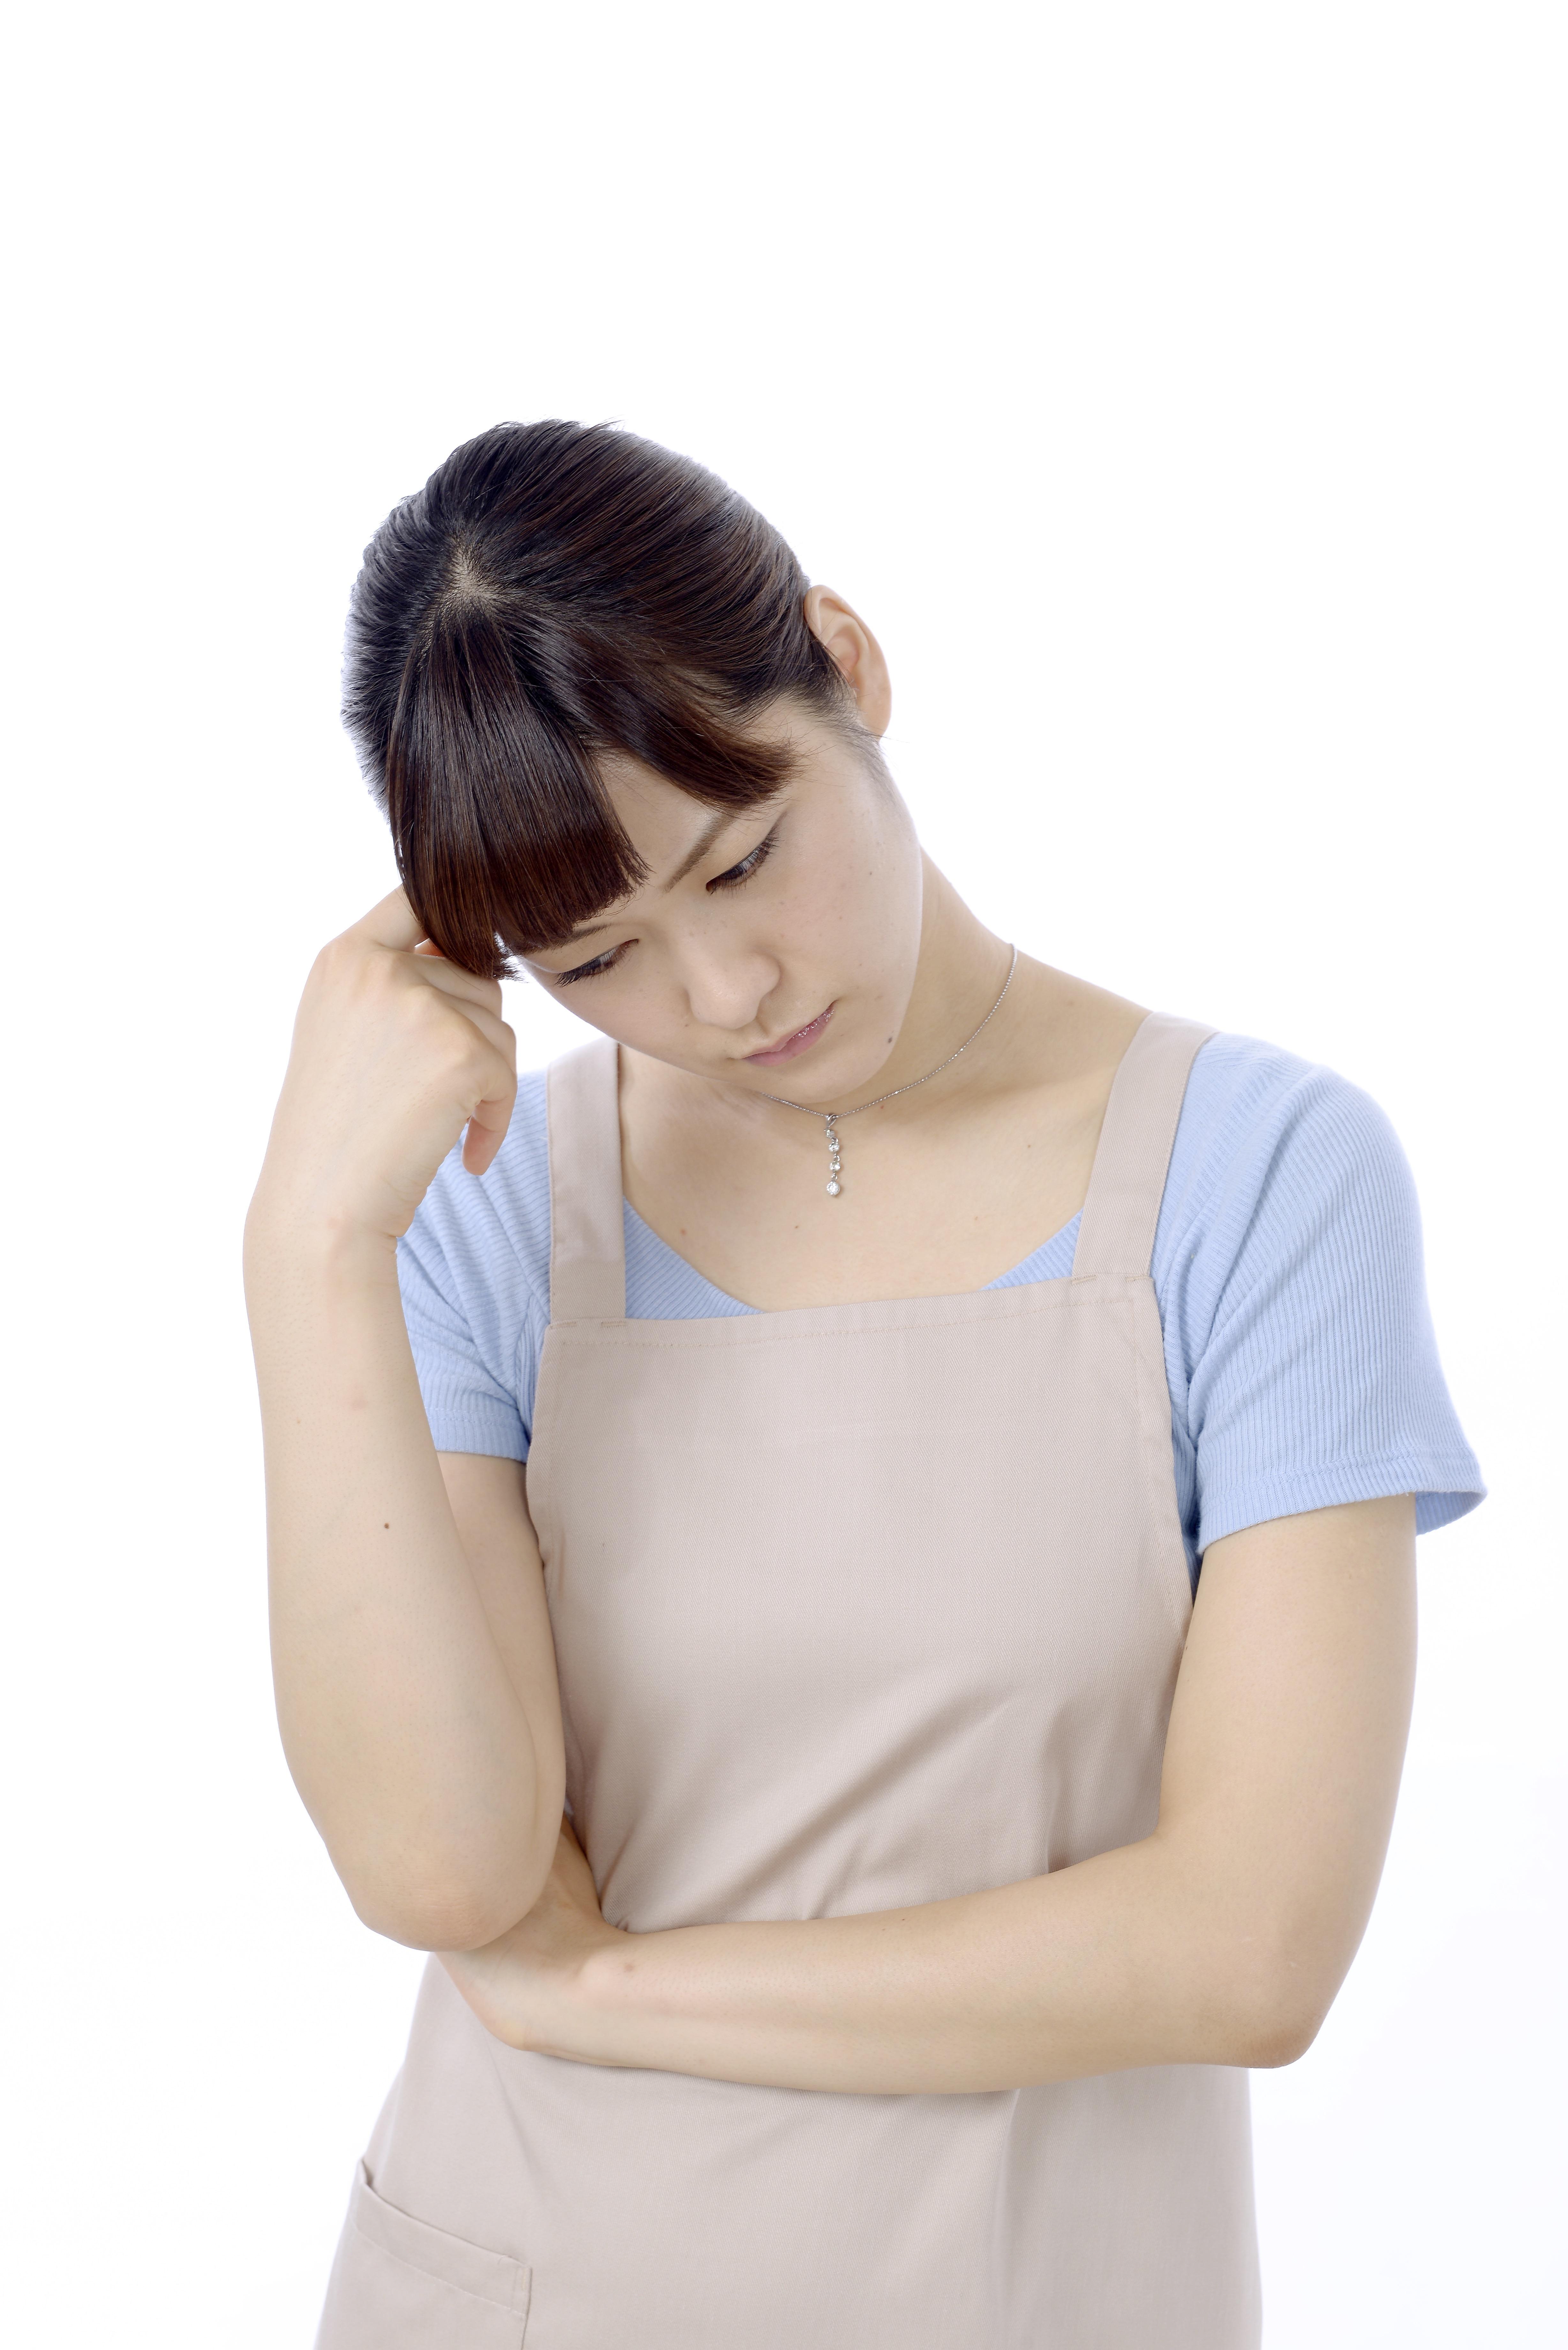 逆流 性 食道 炎 喉 の 痛み 対処 法